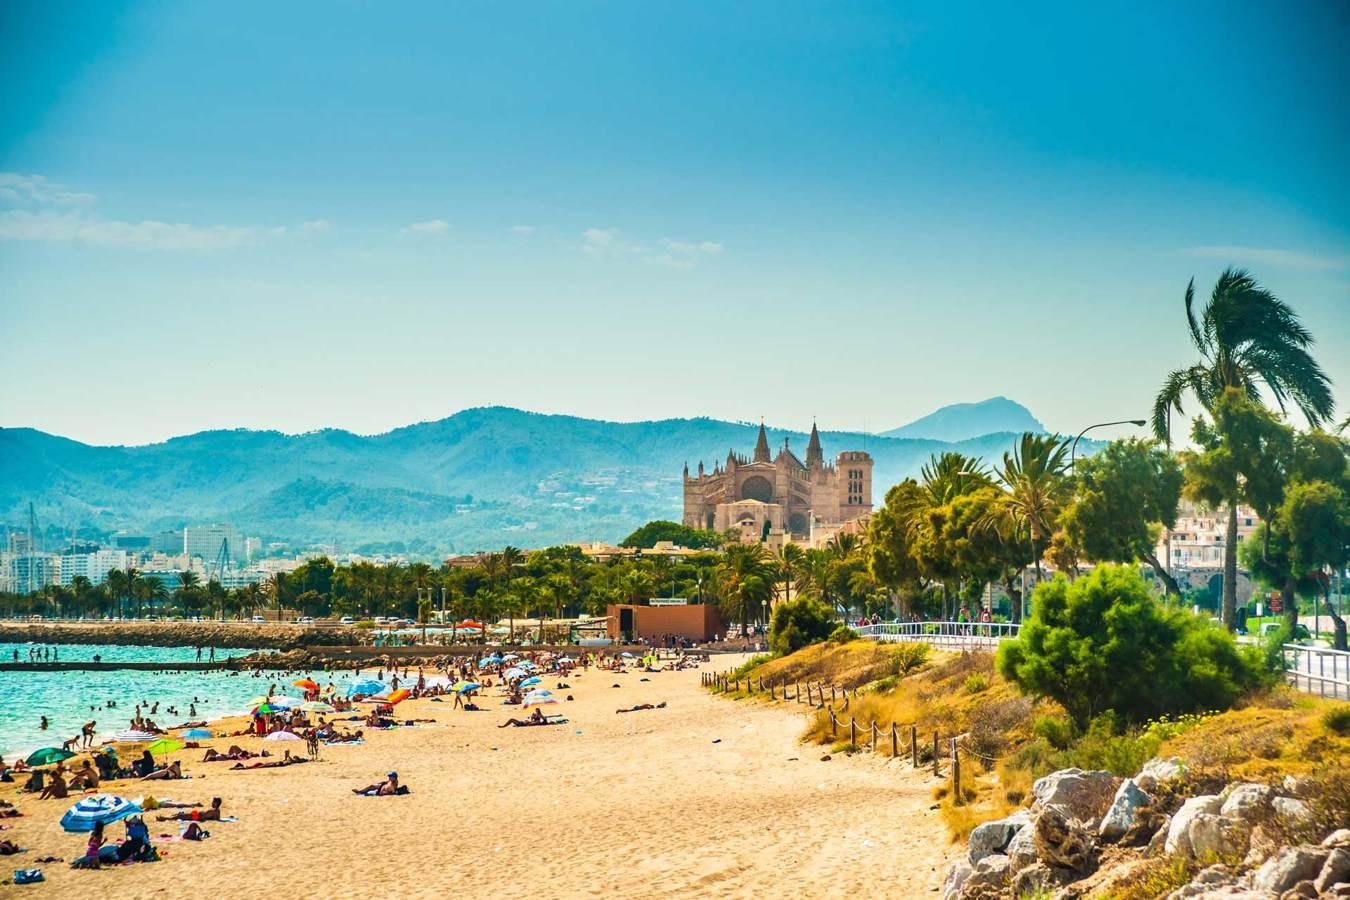 Palma de Mallorca, places to visit?